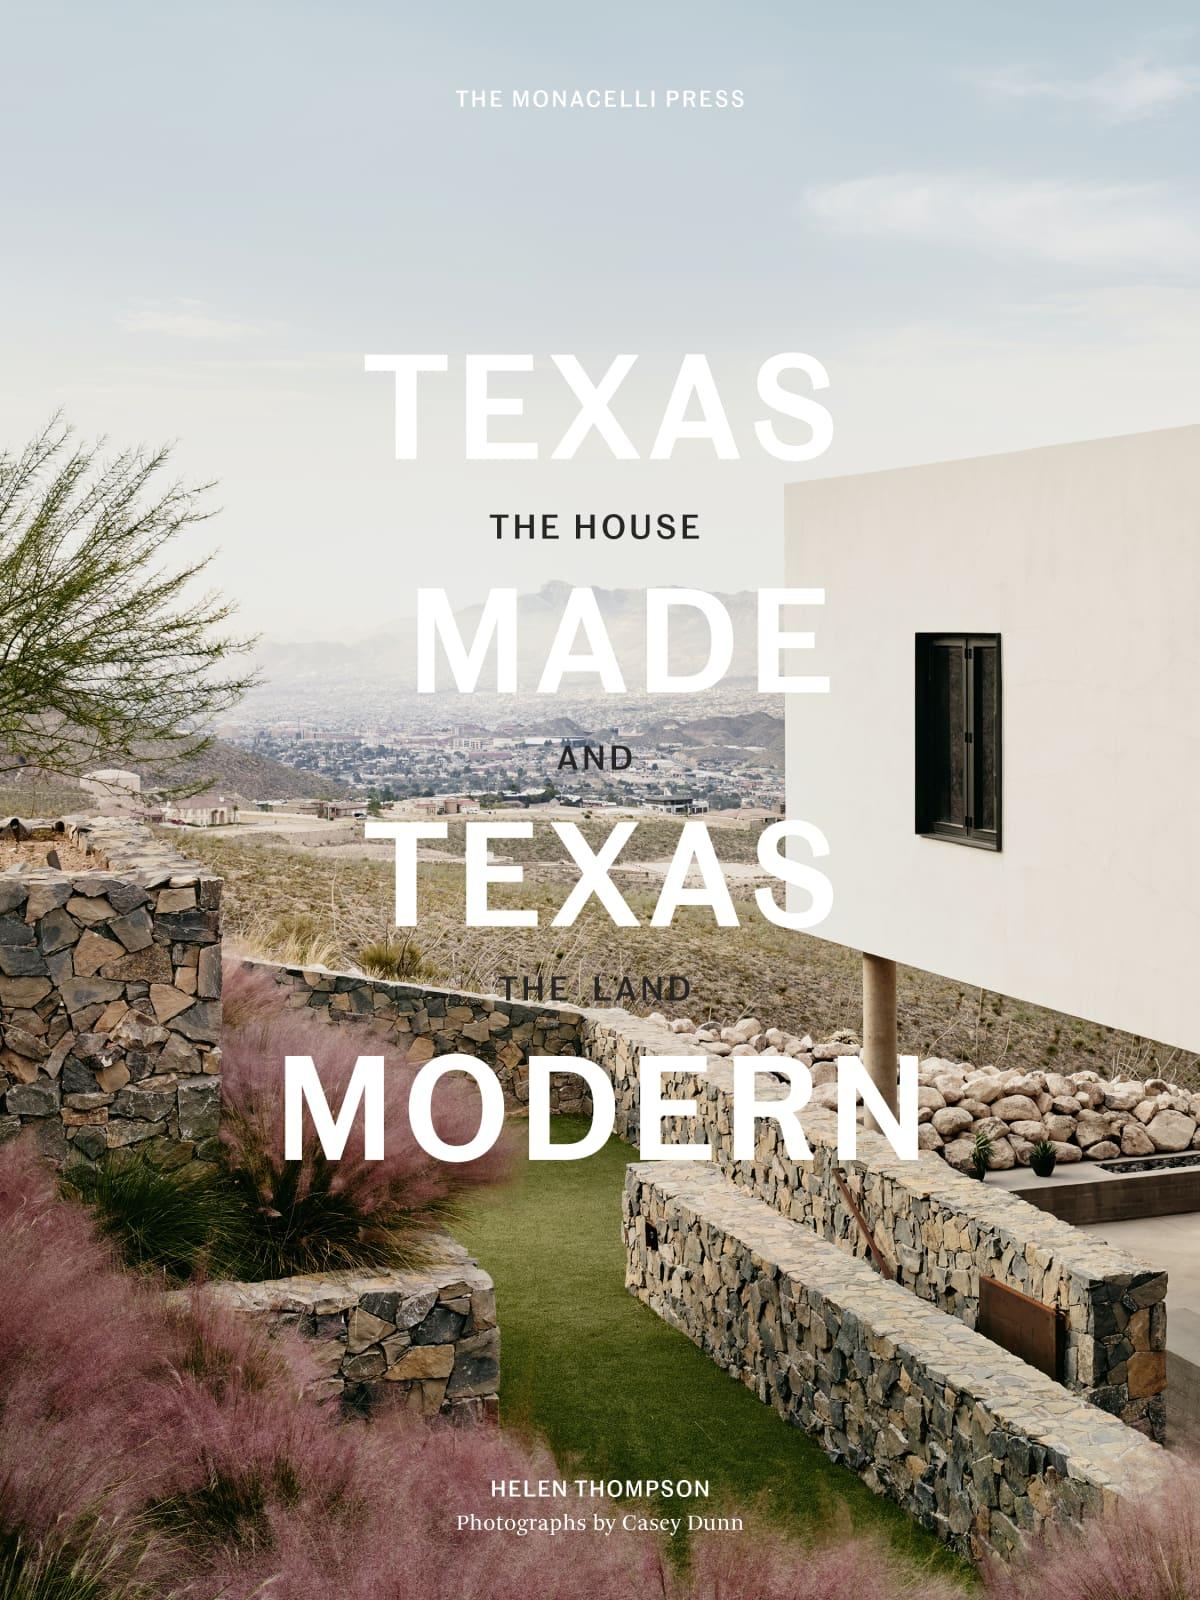 Texas Made Texas Modern cover